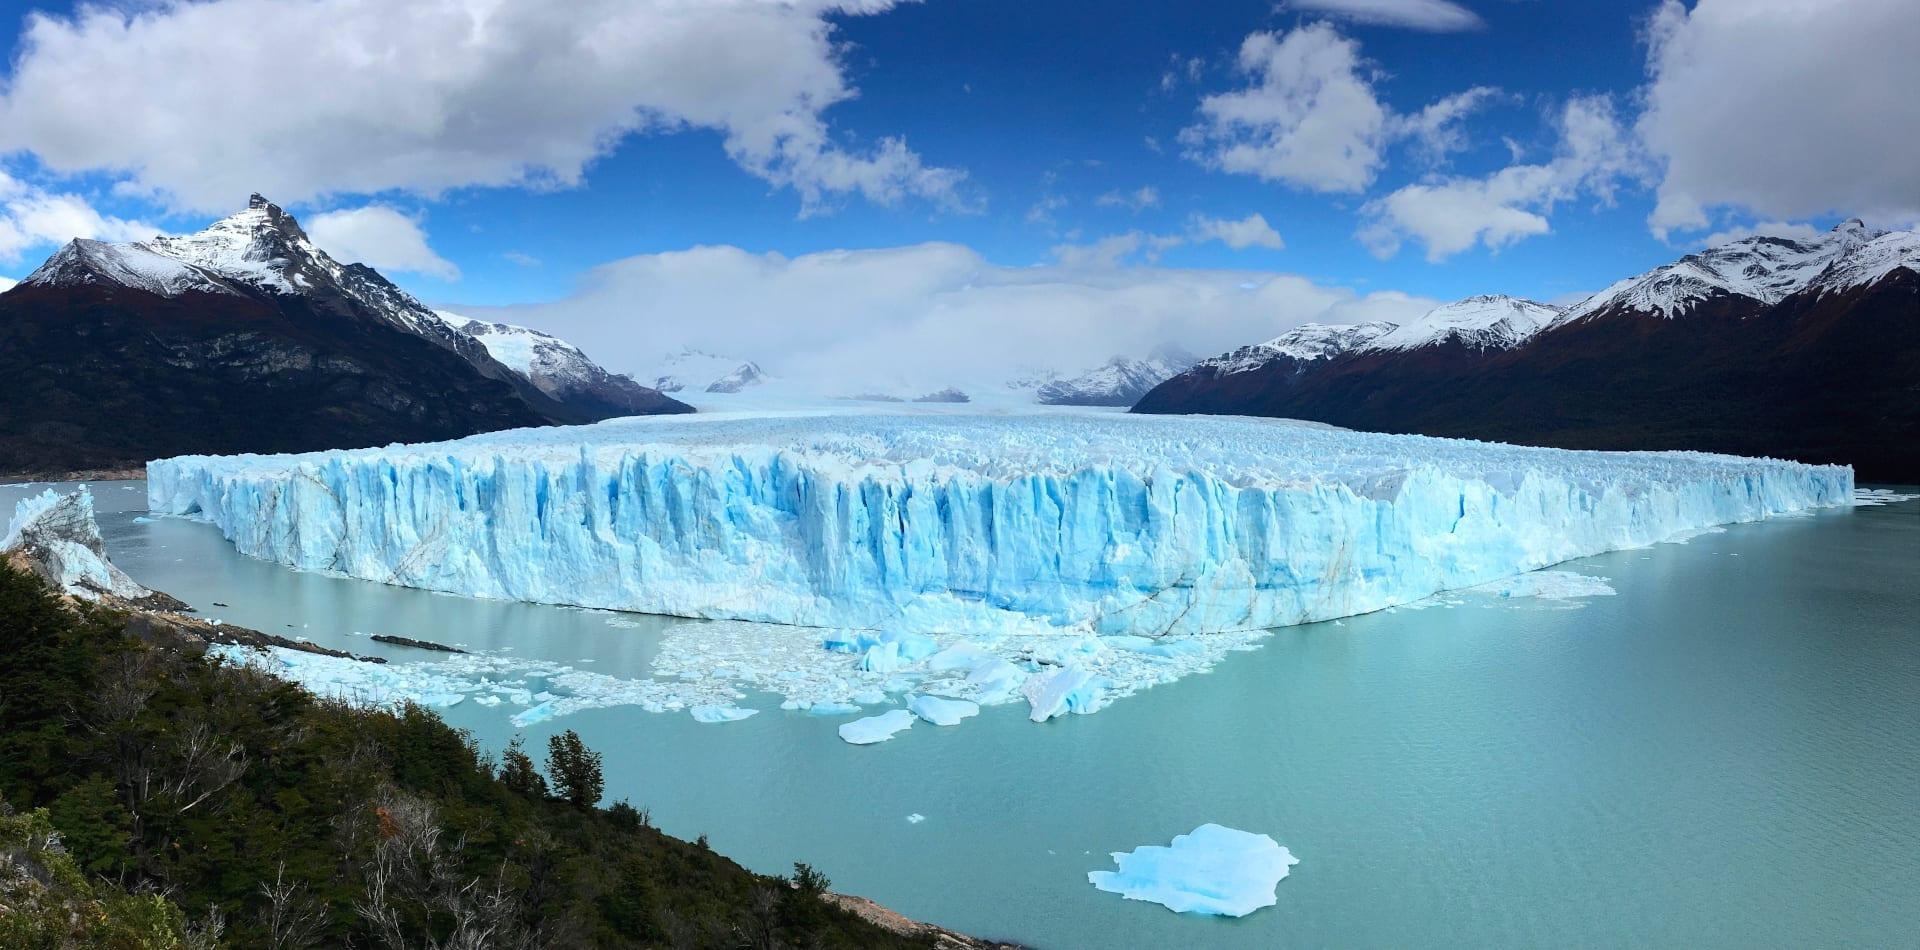 perito moreno glacier argentina-south america